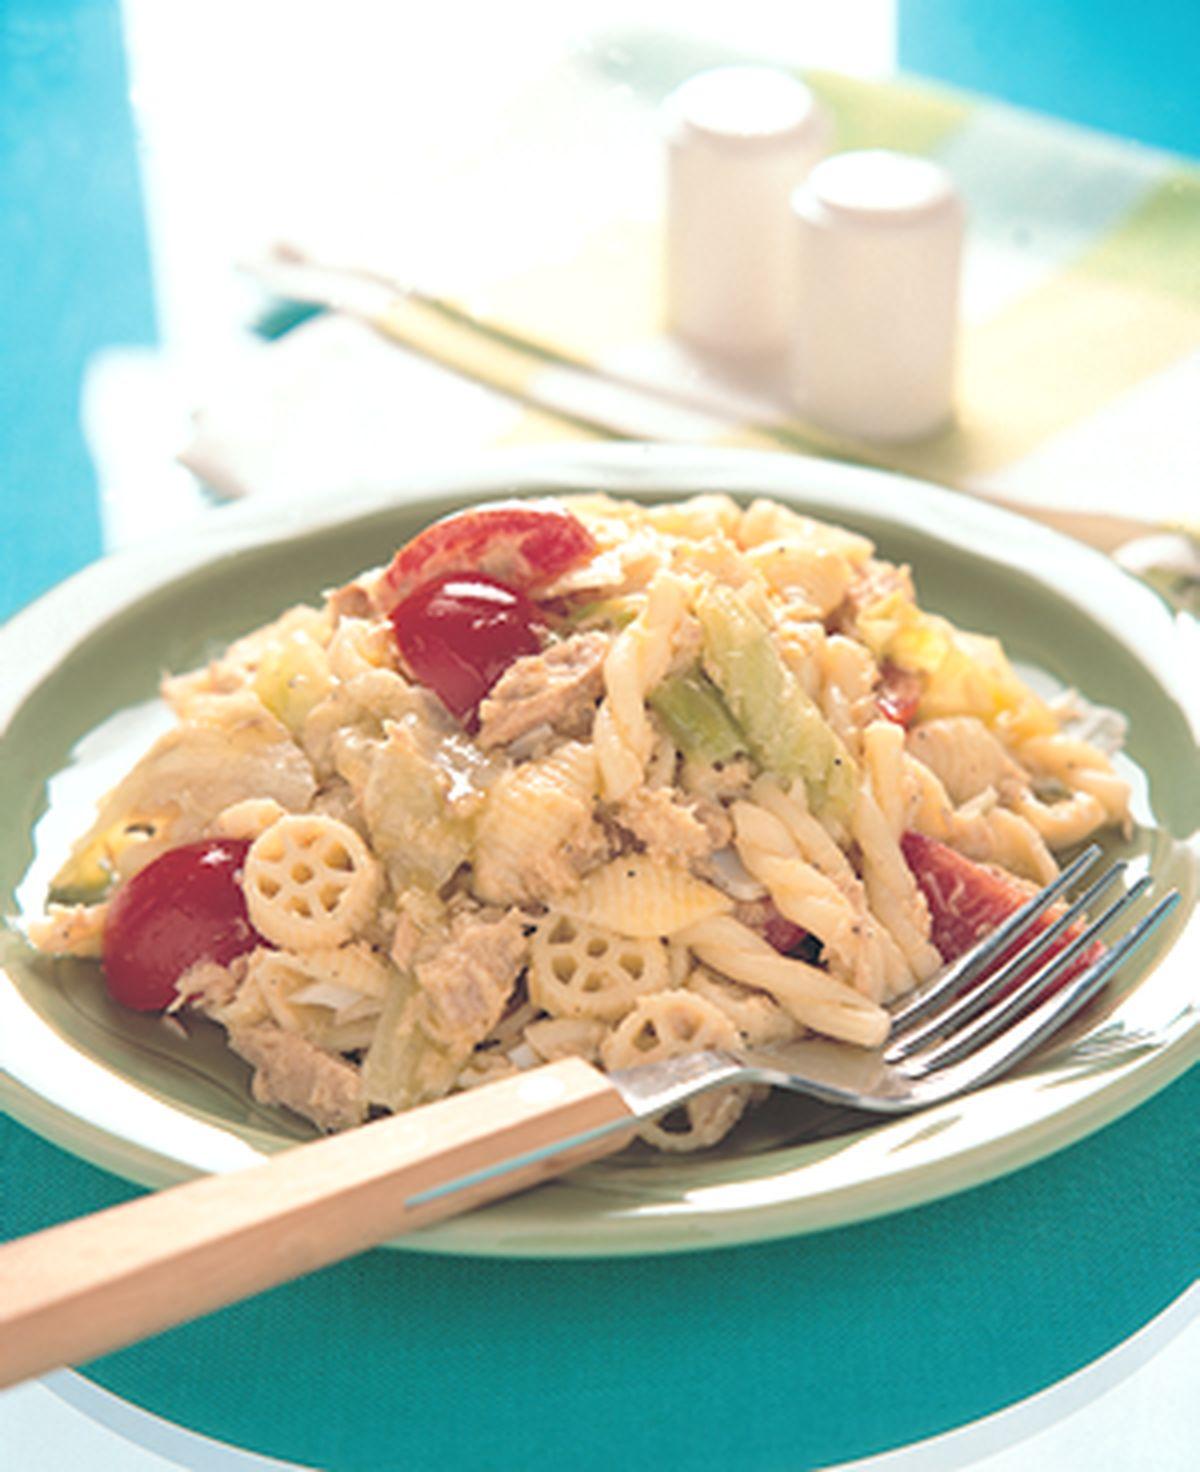 食譜:鮪魚沙拉麵